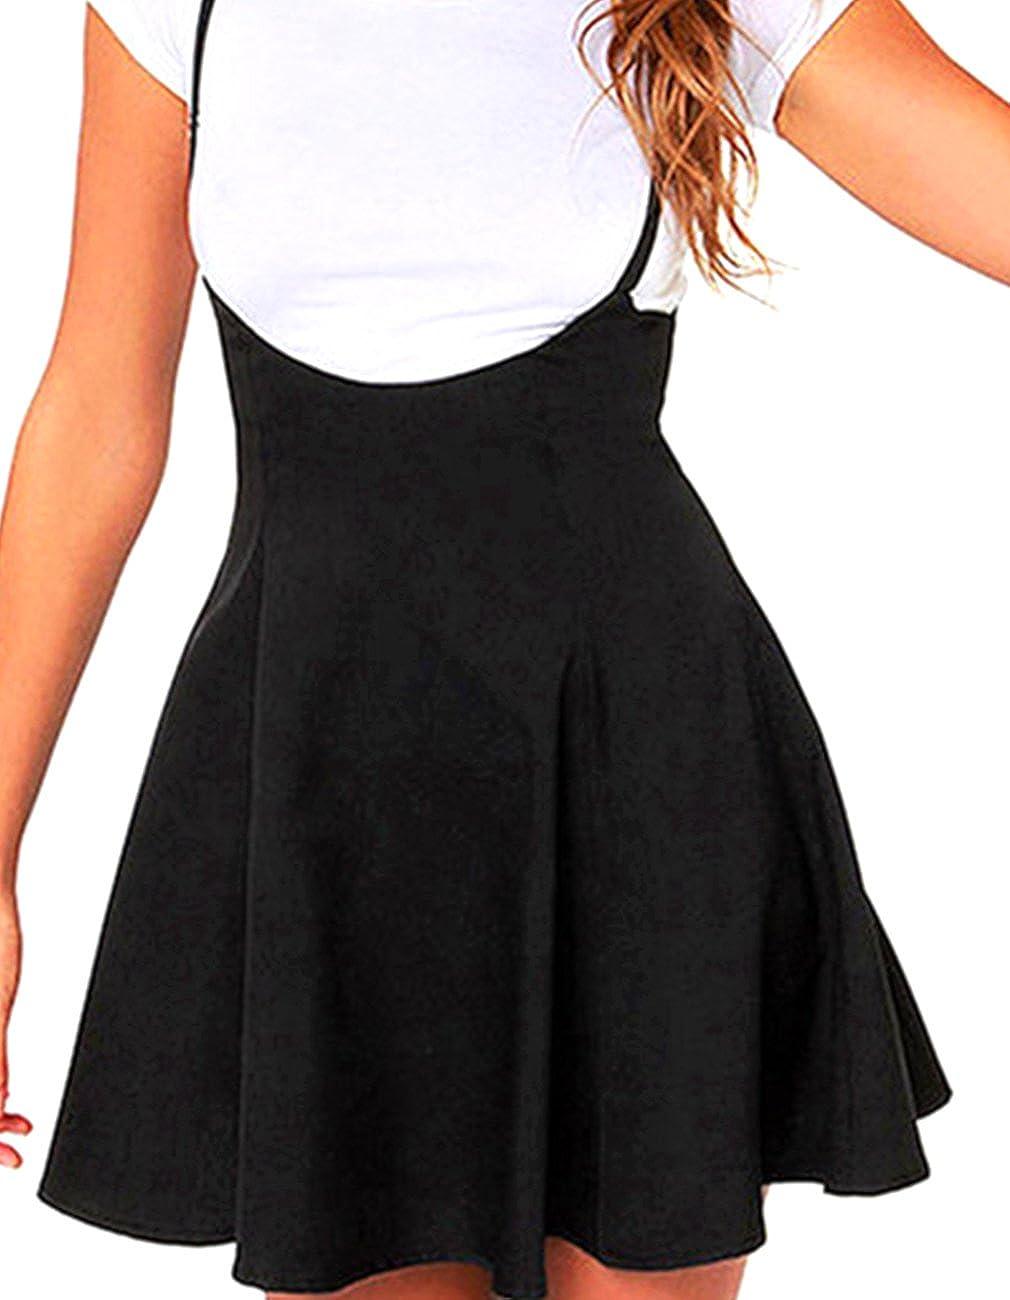 dc062b9dd877 Amazon.com: Defal Women's Suspender Braces Casual Skirt Dress Basic High  Waist Versatile Flare Skater Shoulder Straps Short Skirt: Clothing